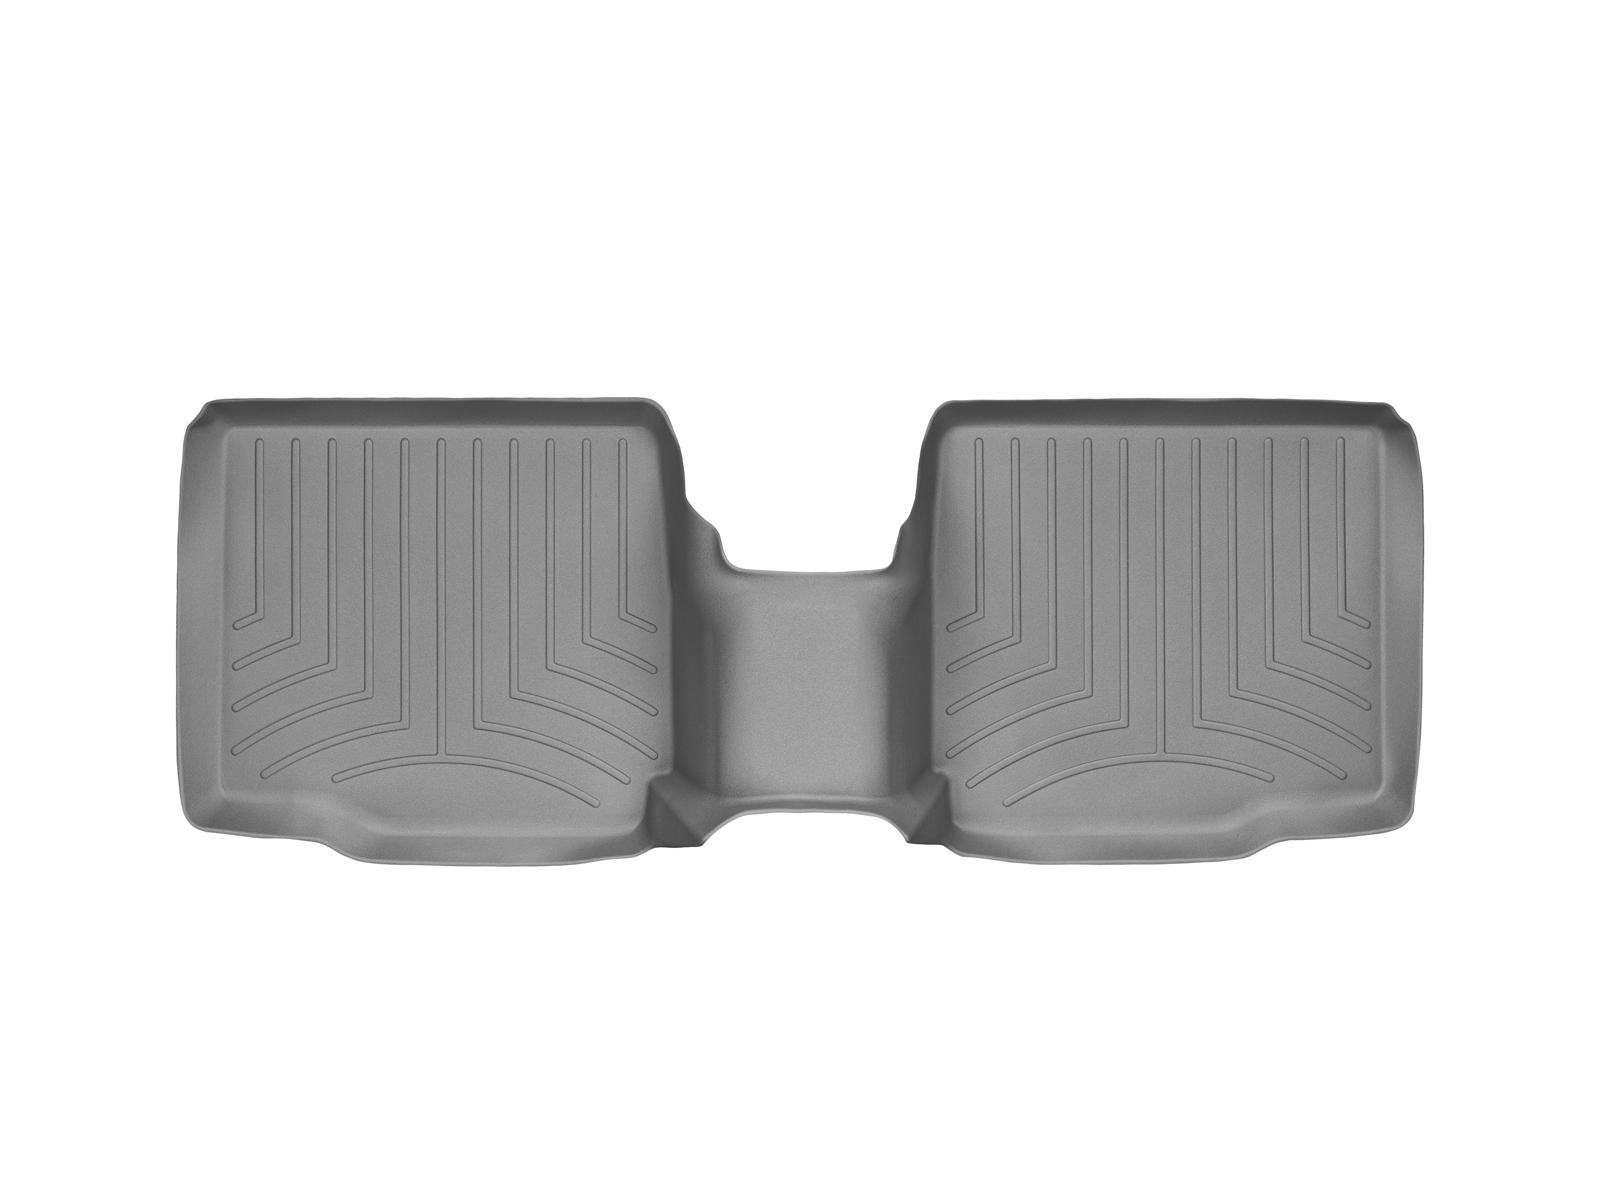 Tappeti gomma su misura bordo alto Ford Explorer 11>17 Grigio A870*